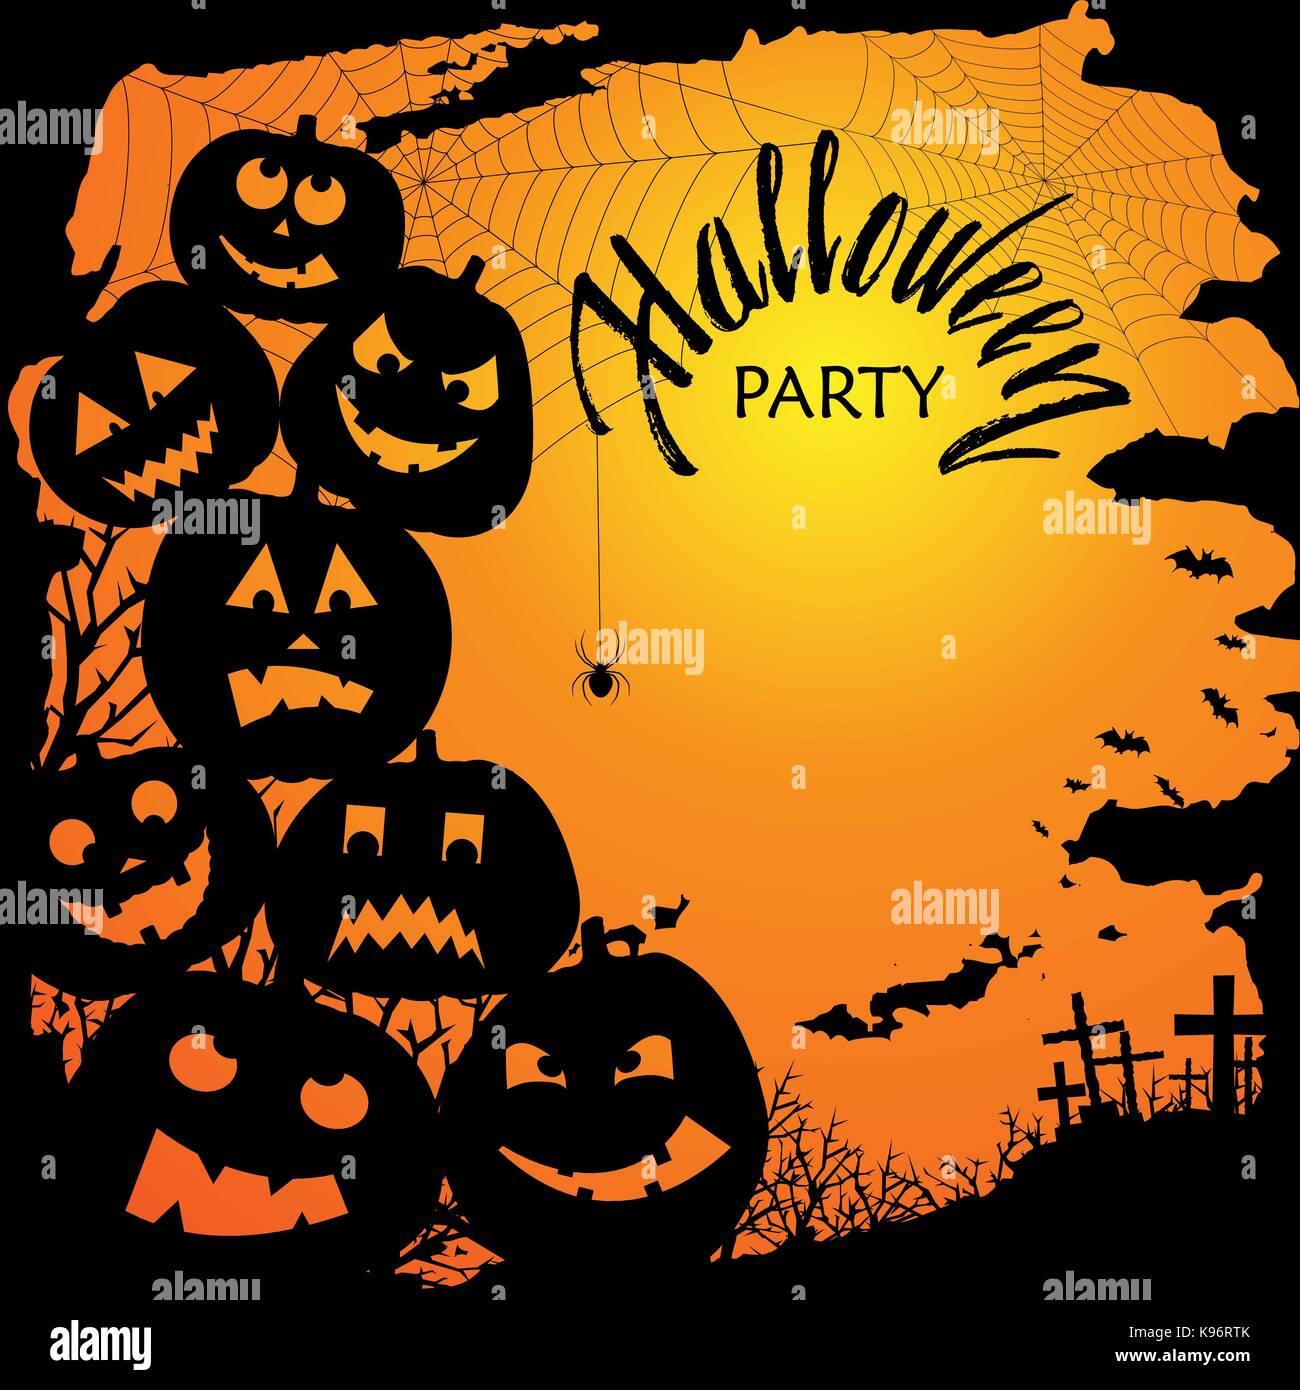 Happy Halloween Background Pumpkins Vector Stock Photos & Happy ...